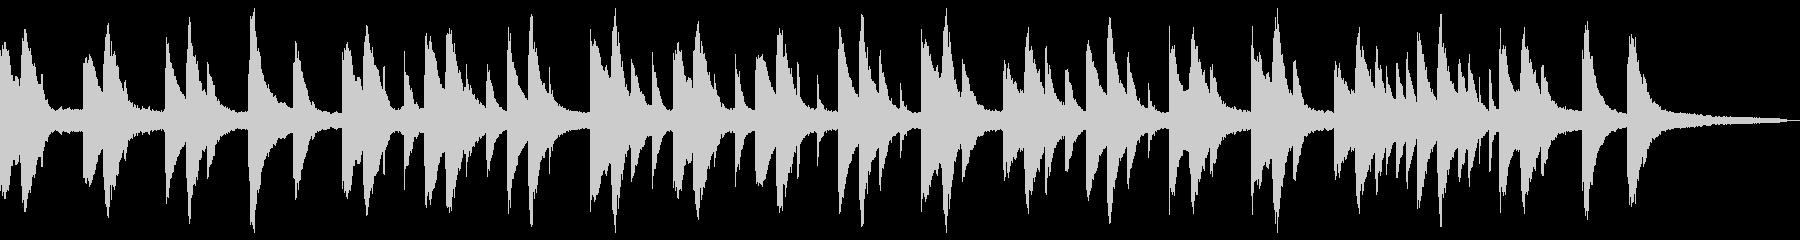 切ない浮遊感のあるピアノソロの未再生の波形